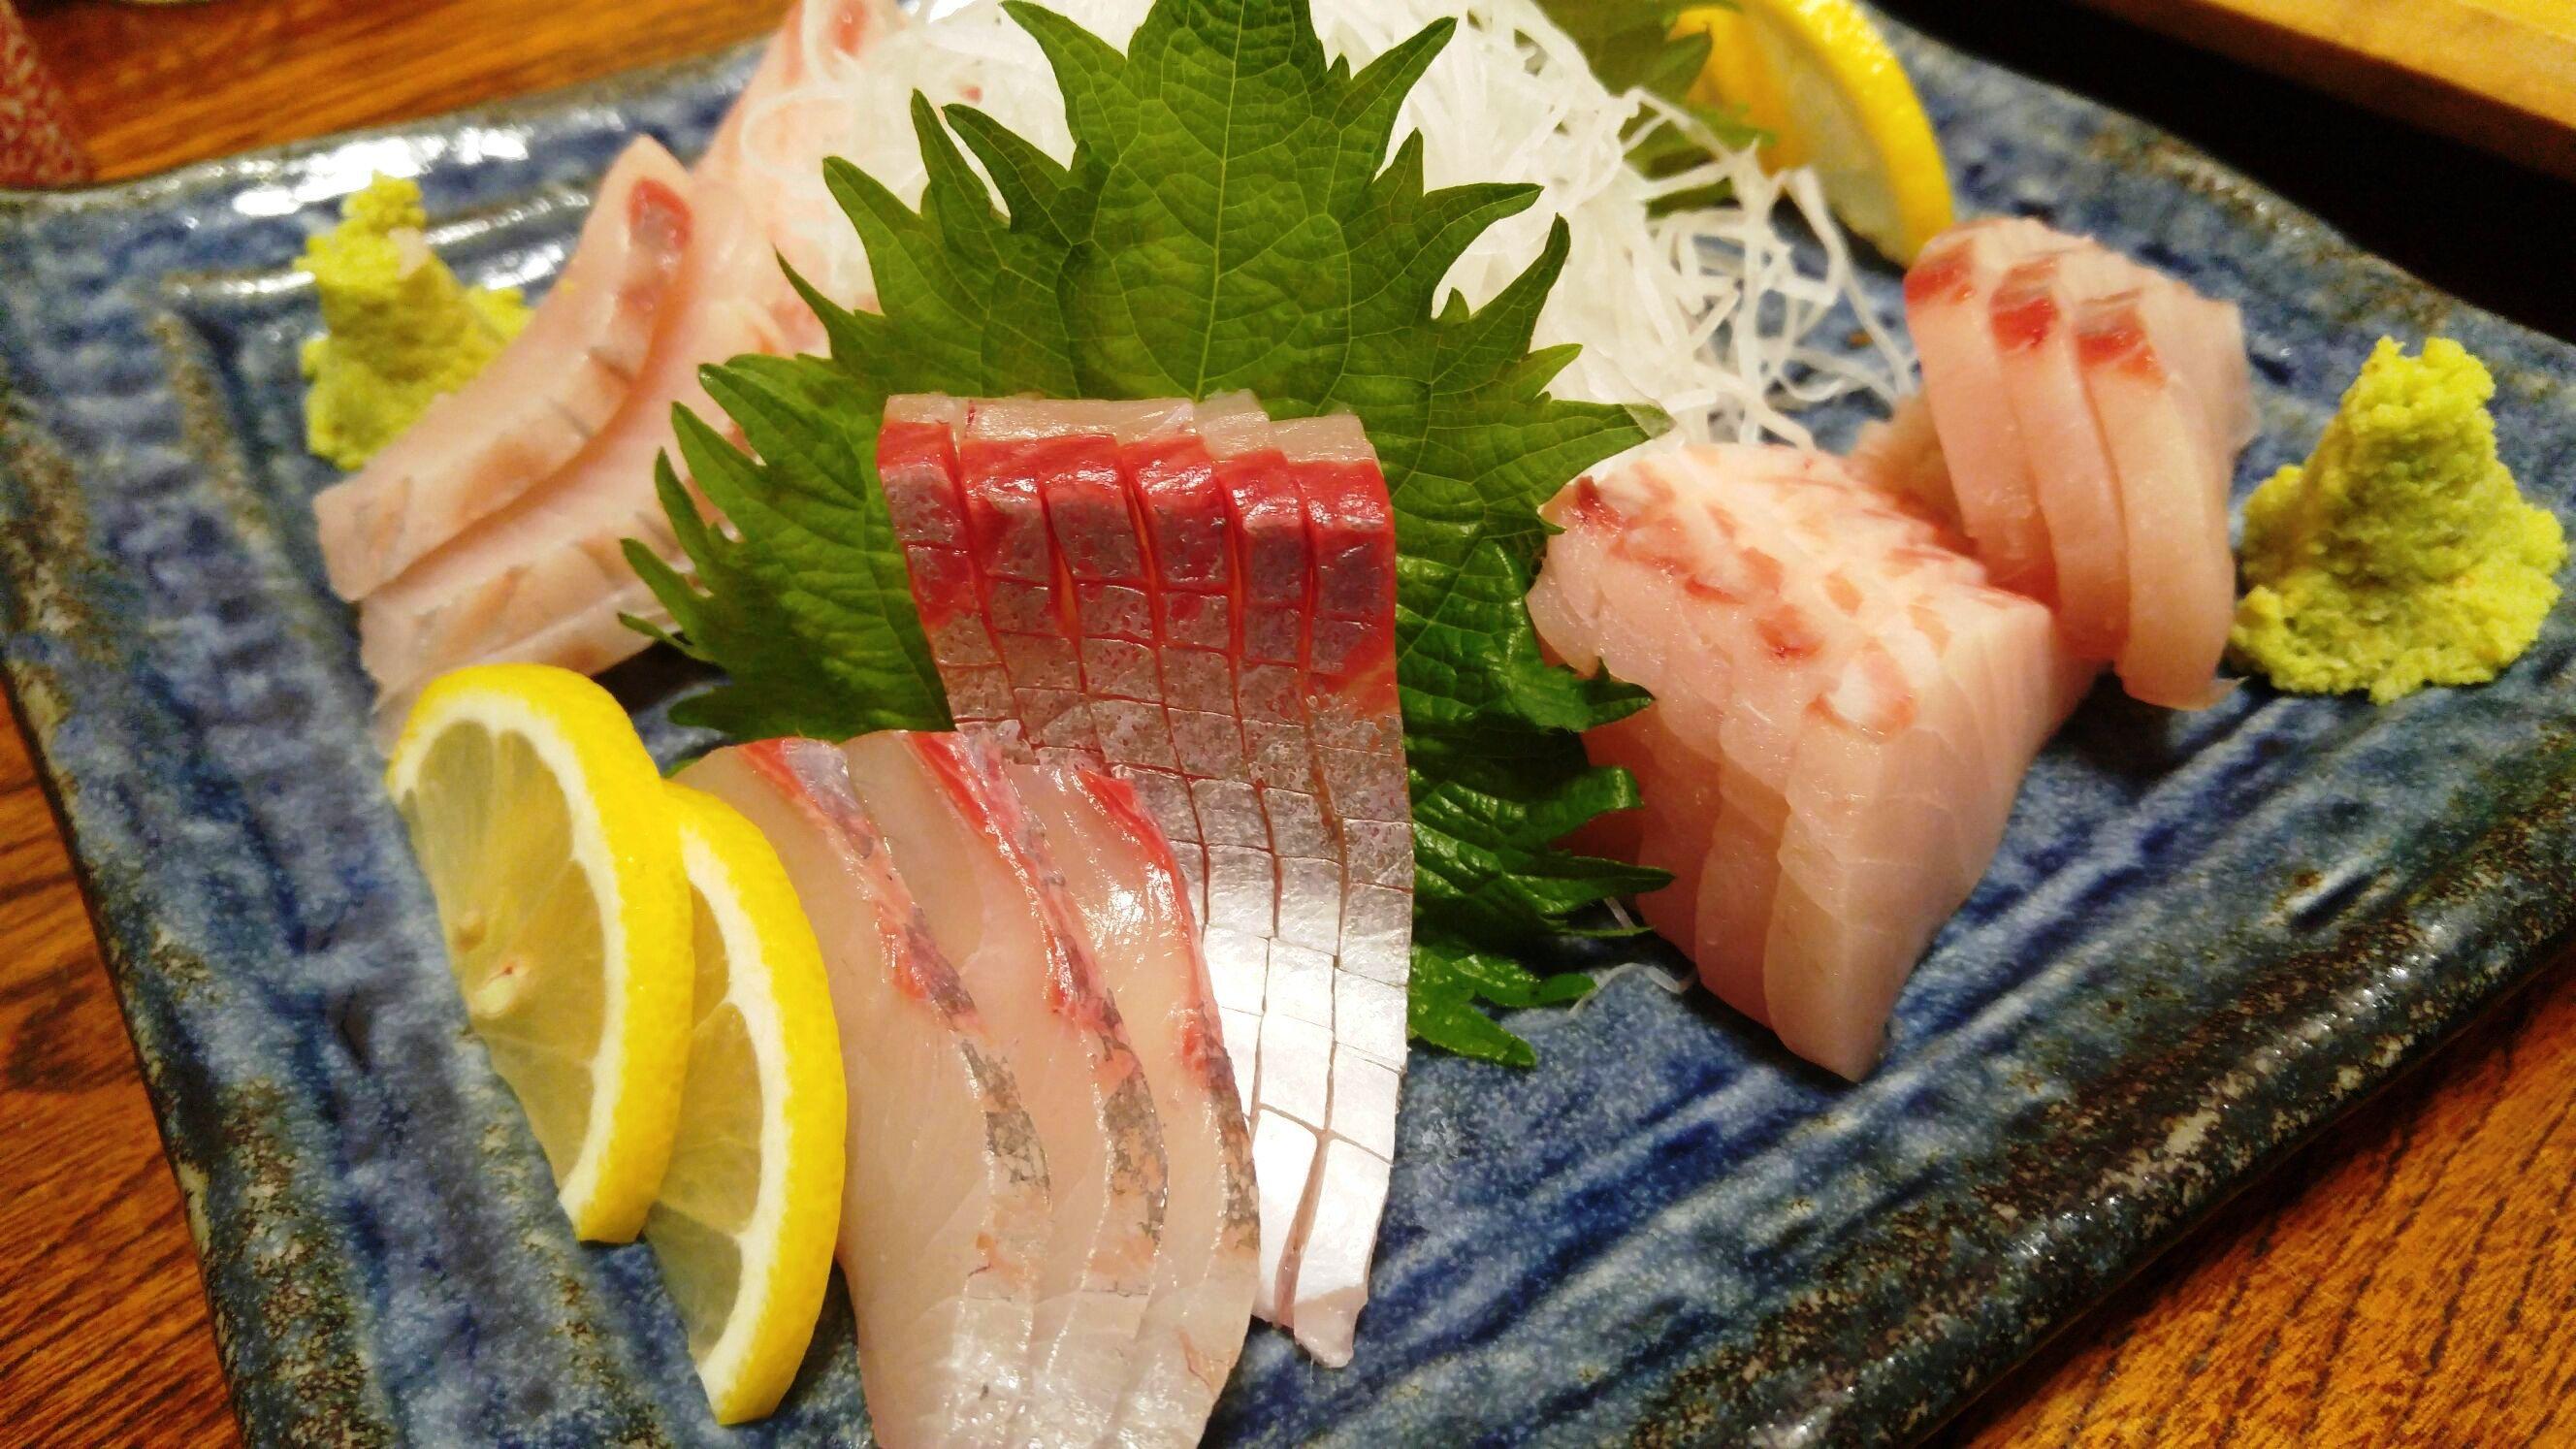 お寿司も食べられる!美味しい居酒屋さん@潮